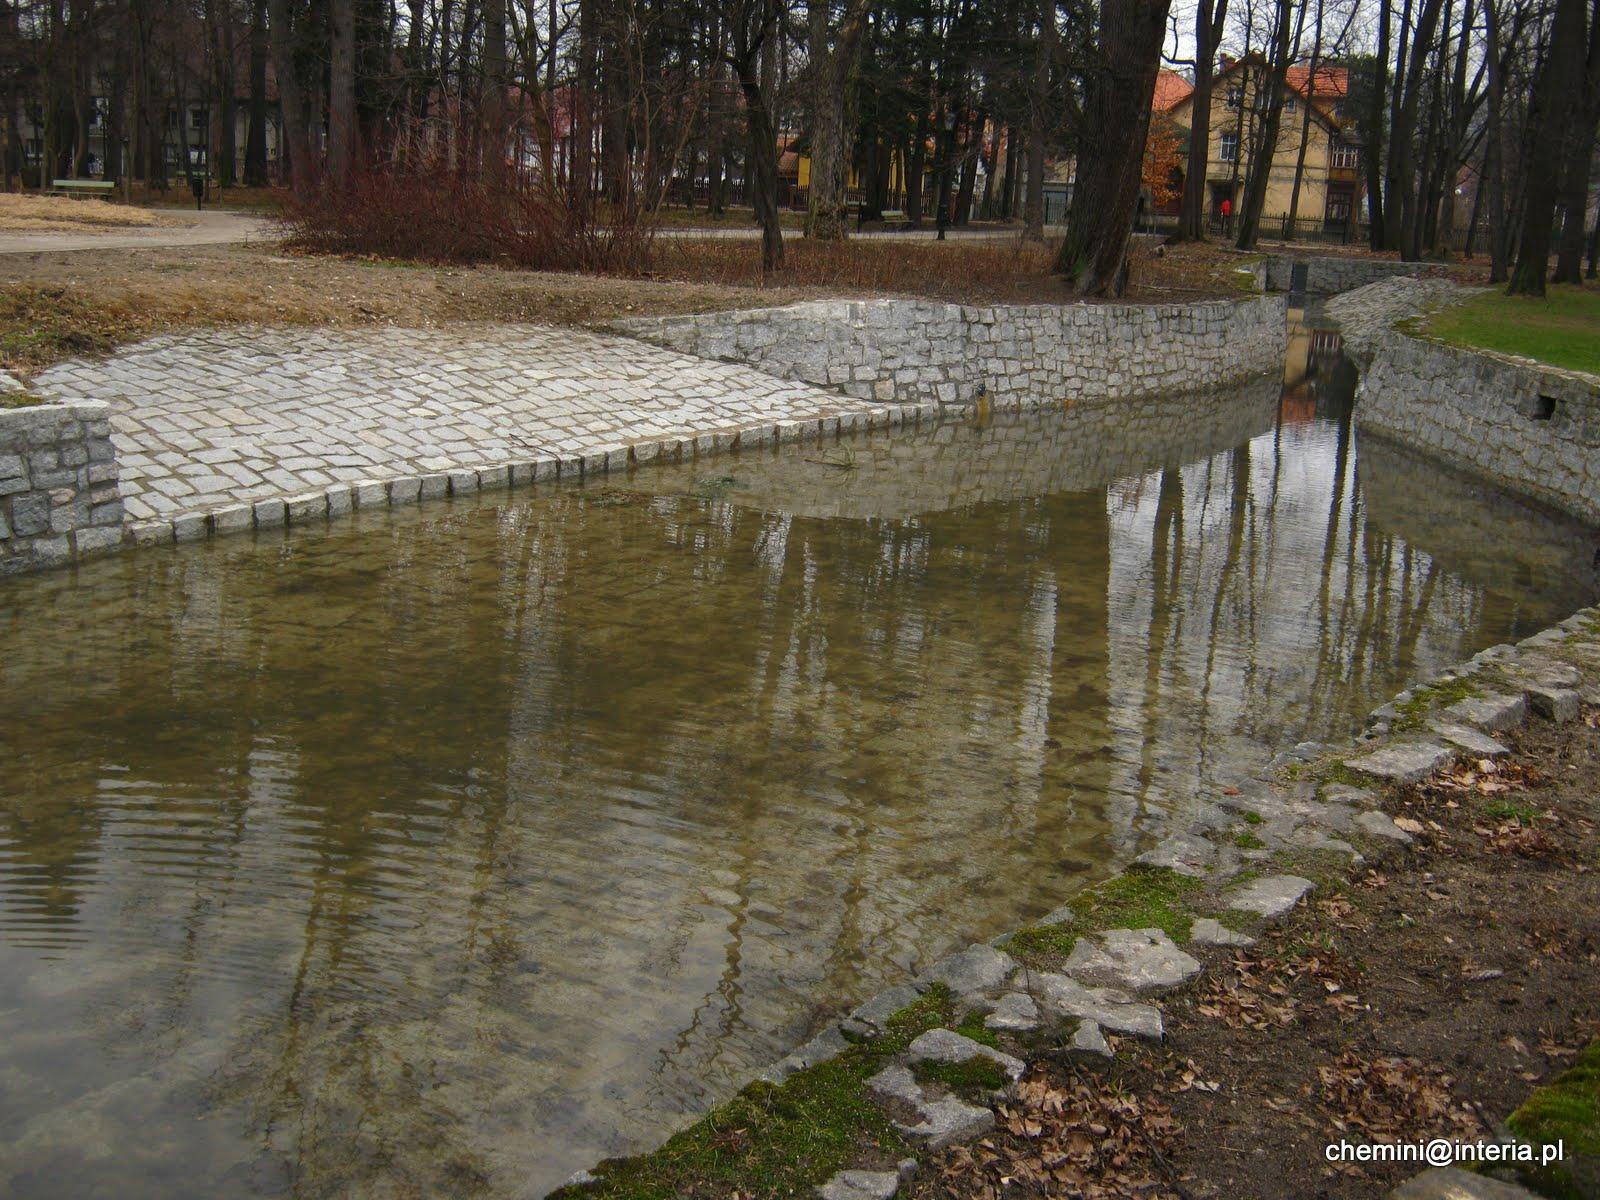 Gorąca woda w cieplickich basenach w Parku Zdrojowym